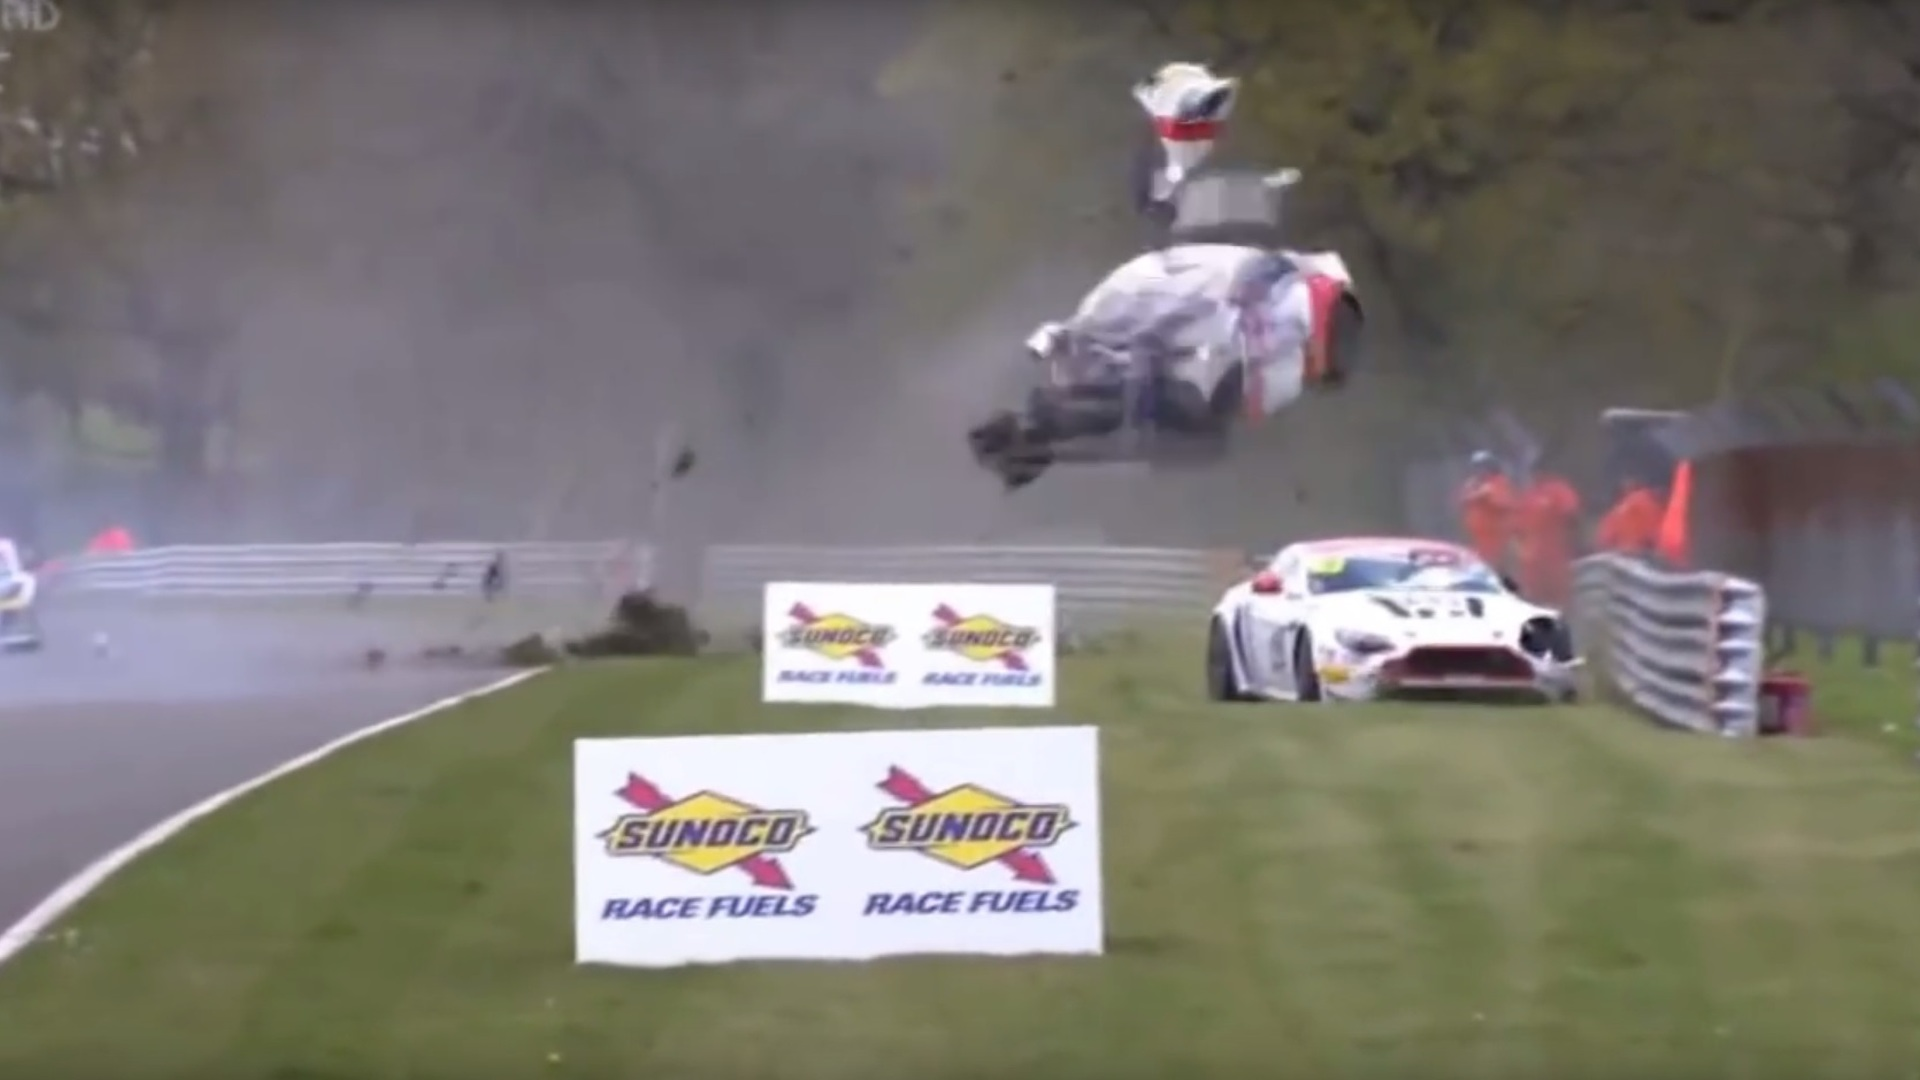 Huge crash during British GT at Brands Hatch